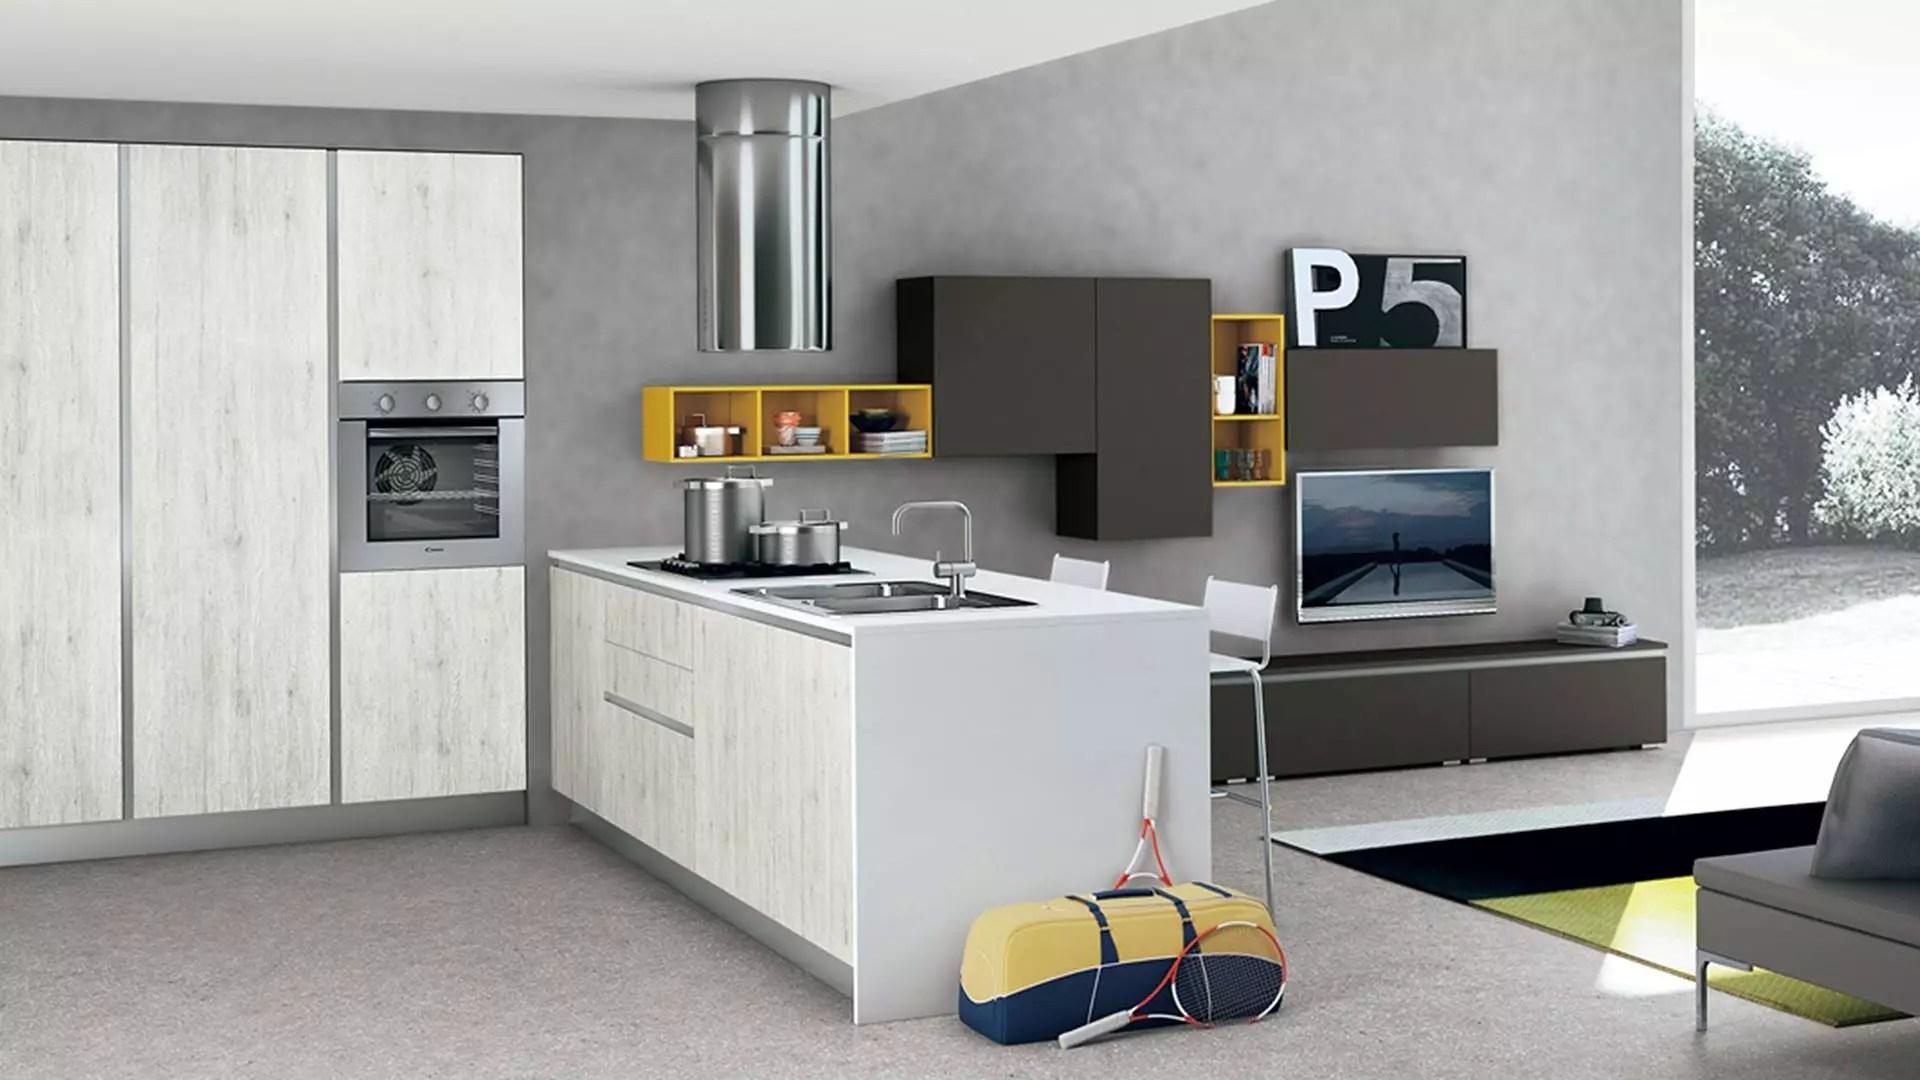 Sgabelli cucina design sgabelli cucina design idee di design